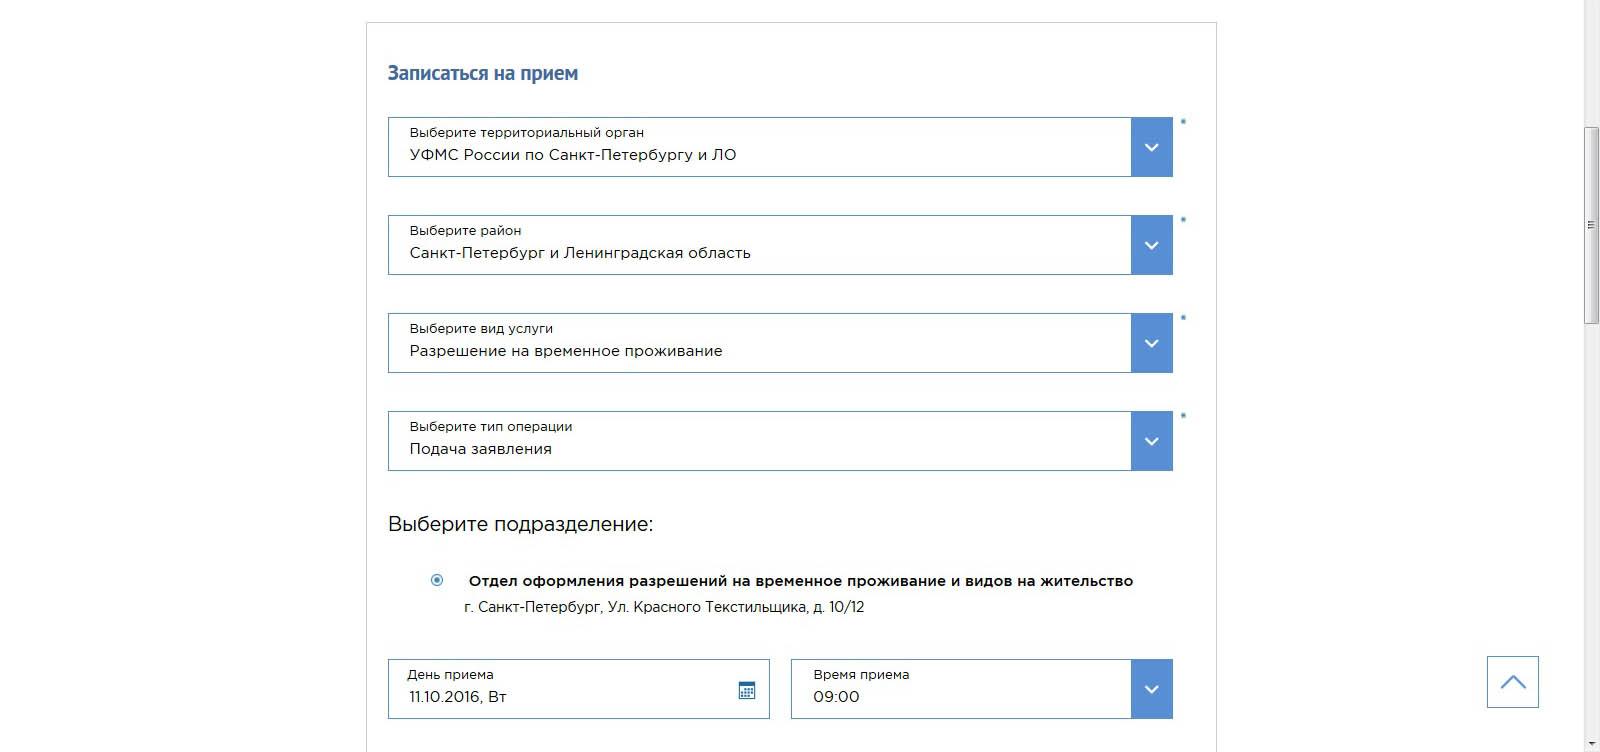 План счетов и счета бухгалтерского учета